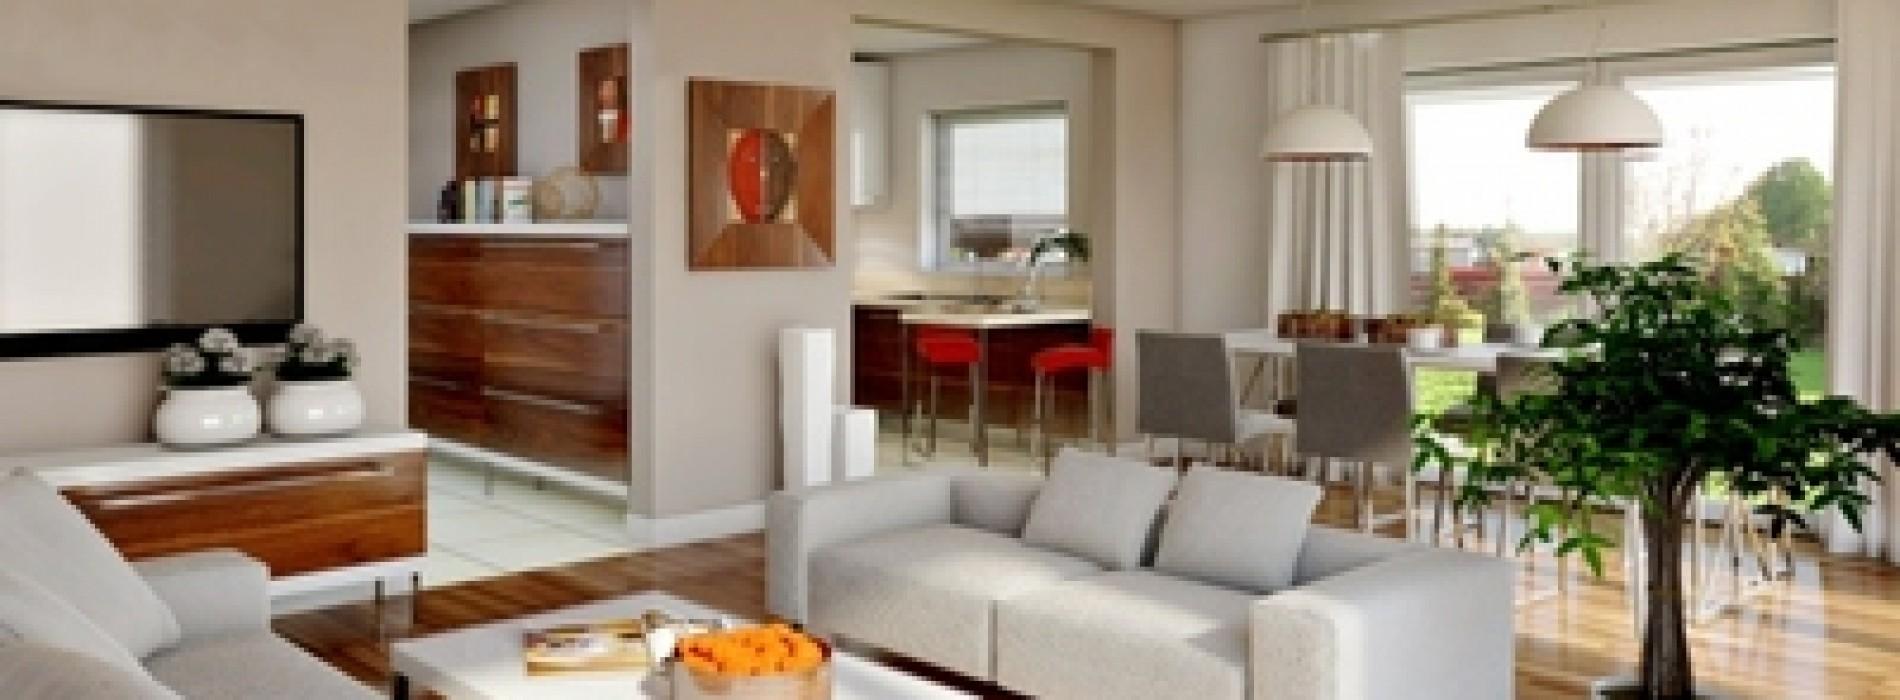 Energooszczędny dom dla rodziny